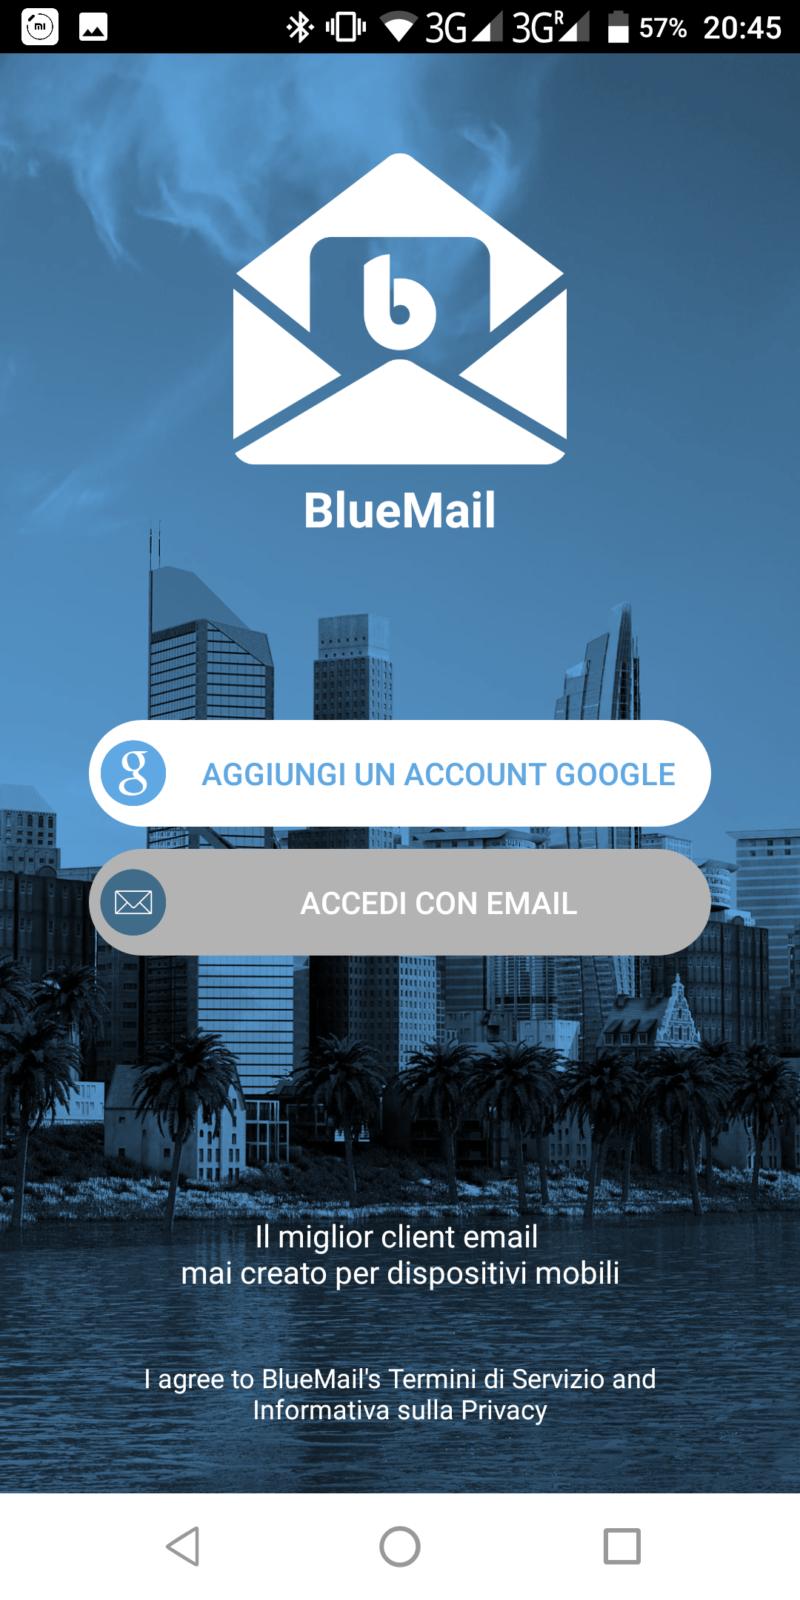 BlueMail applicazione per android in grado di gestire account email